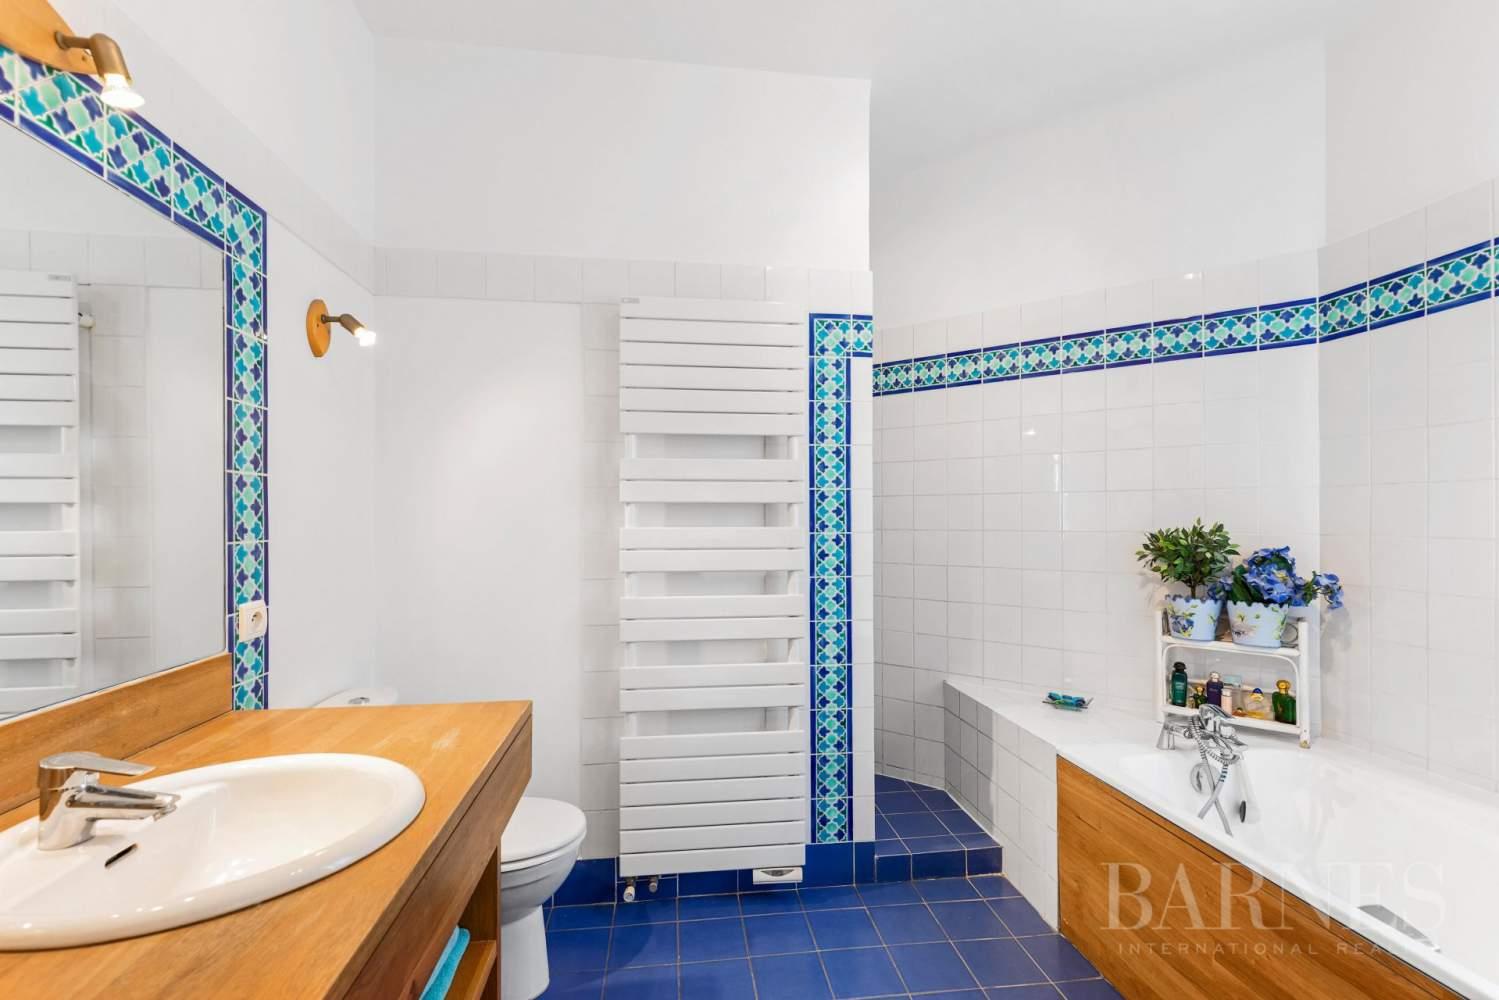 Marnes-la-Coquette  - Casa 9 Cuartos 6 Habitaciones - picture 18